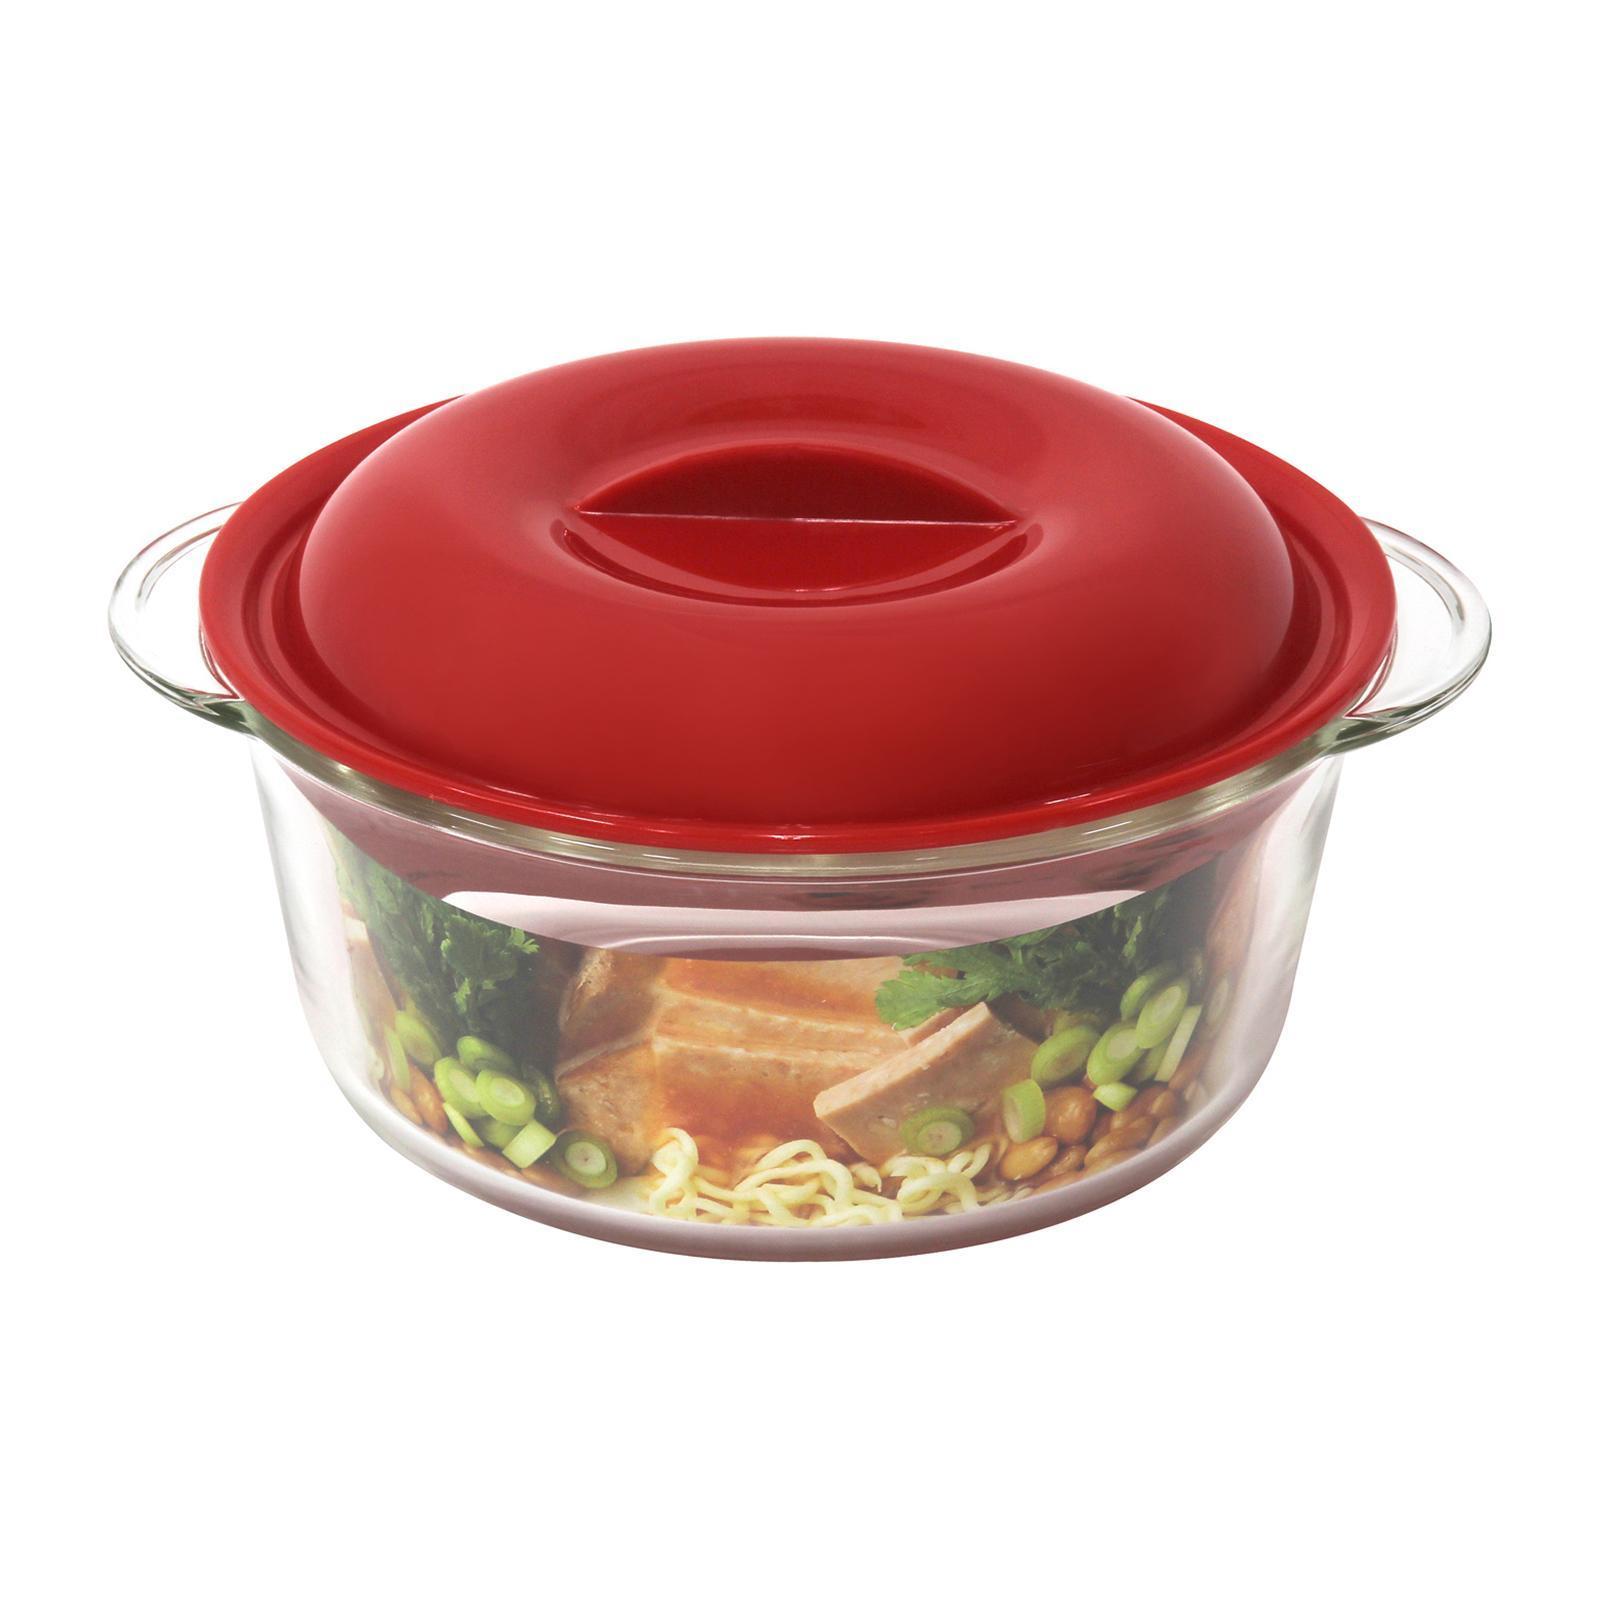 Lock & Lock Rectangular Classic Food Container 1.1L